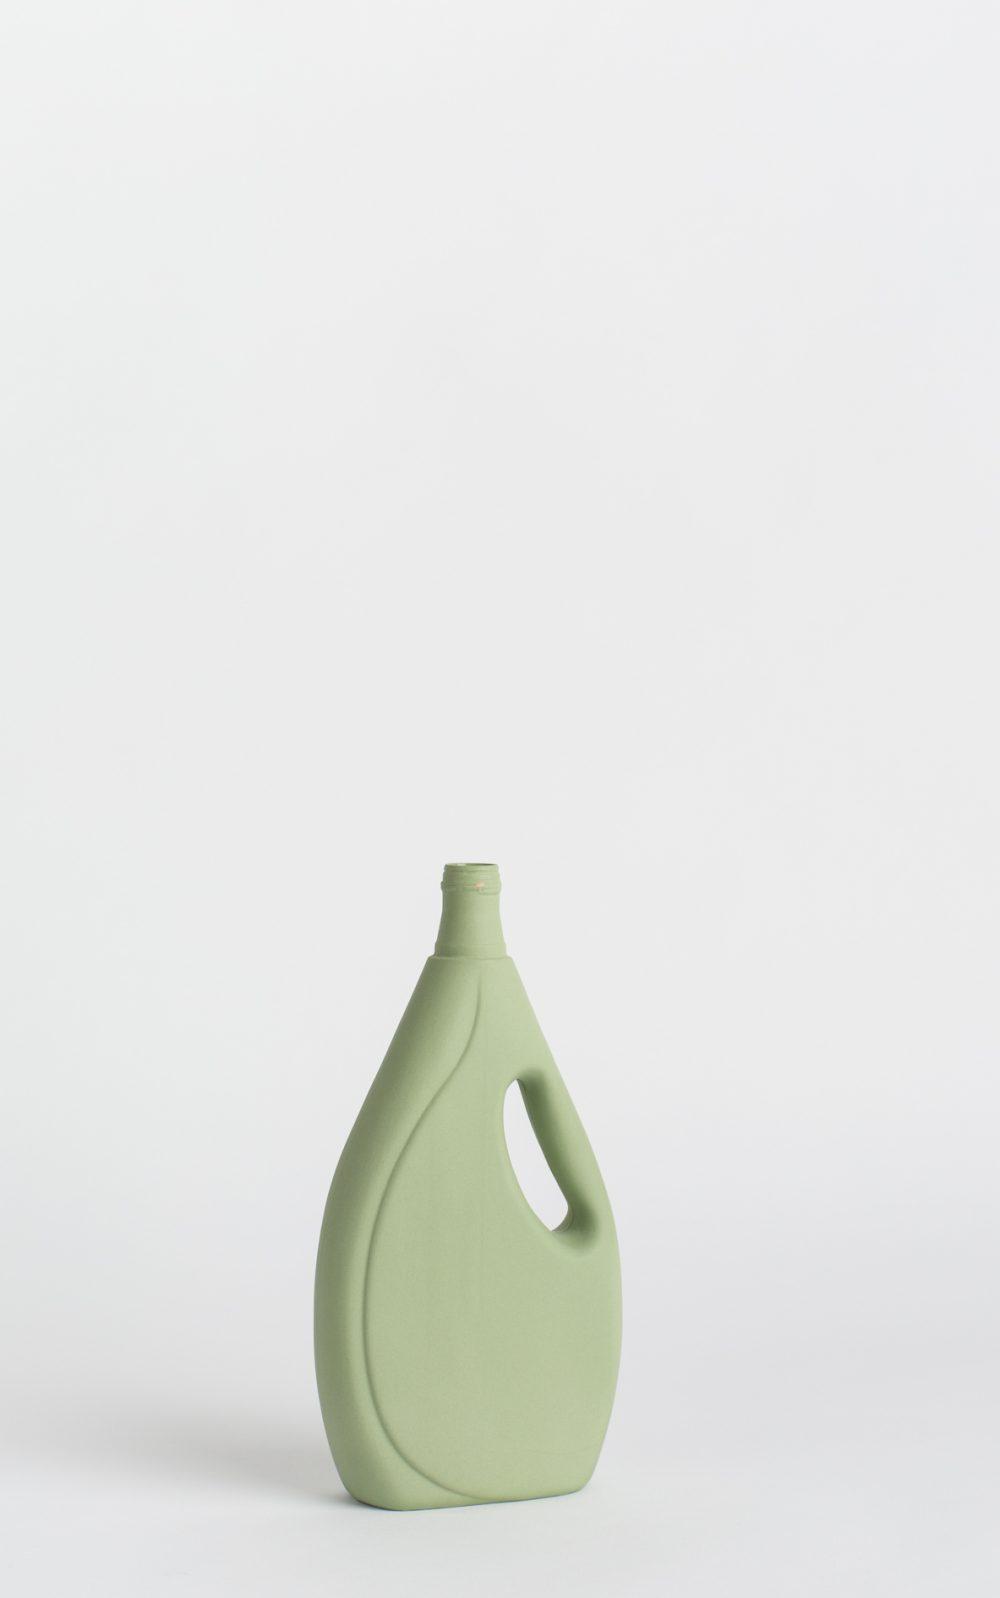 bottle vase #7 dark green